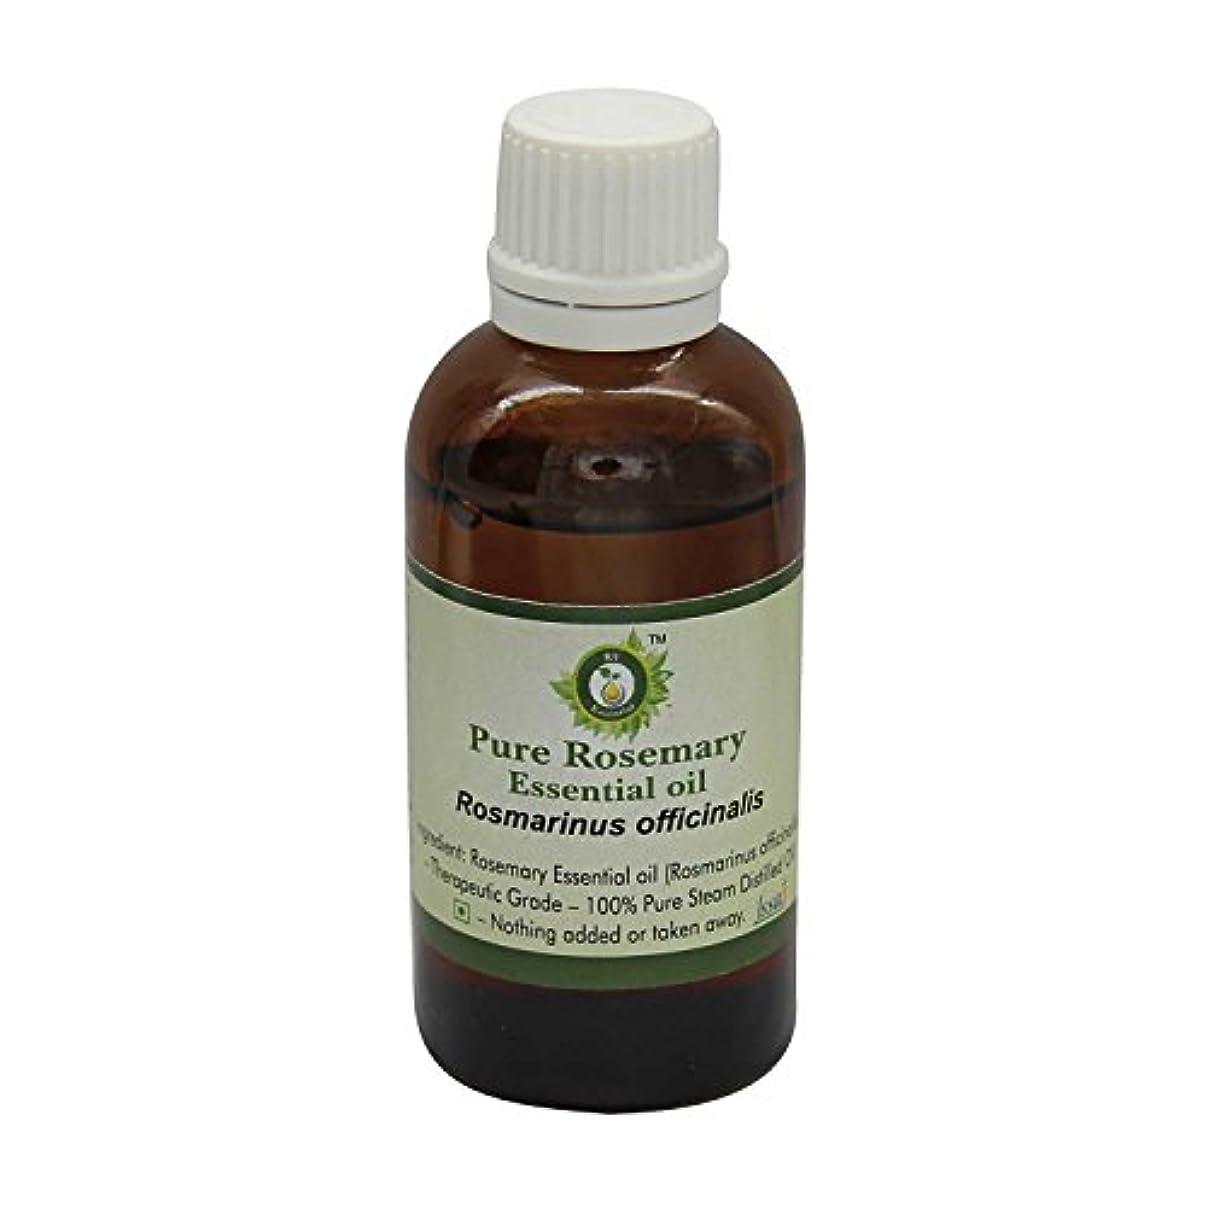 降臨内なるアーカイブR V Essential ピュアローズマリーエッセンシャルオイル30ml (1.01oz)- Rosmarinus Officinalis (100%純粋&天然スチームDistilled) Pure Rosemary...